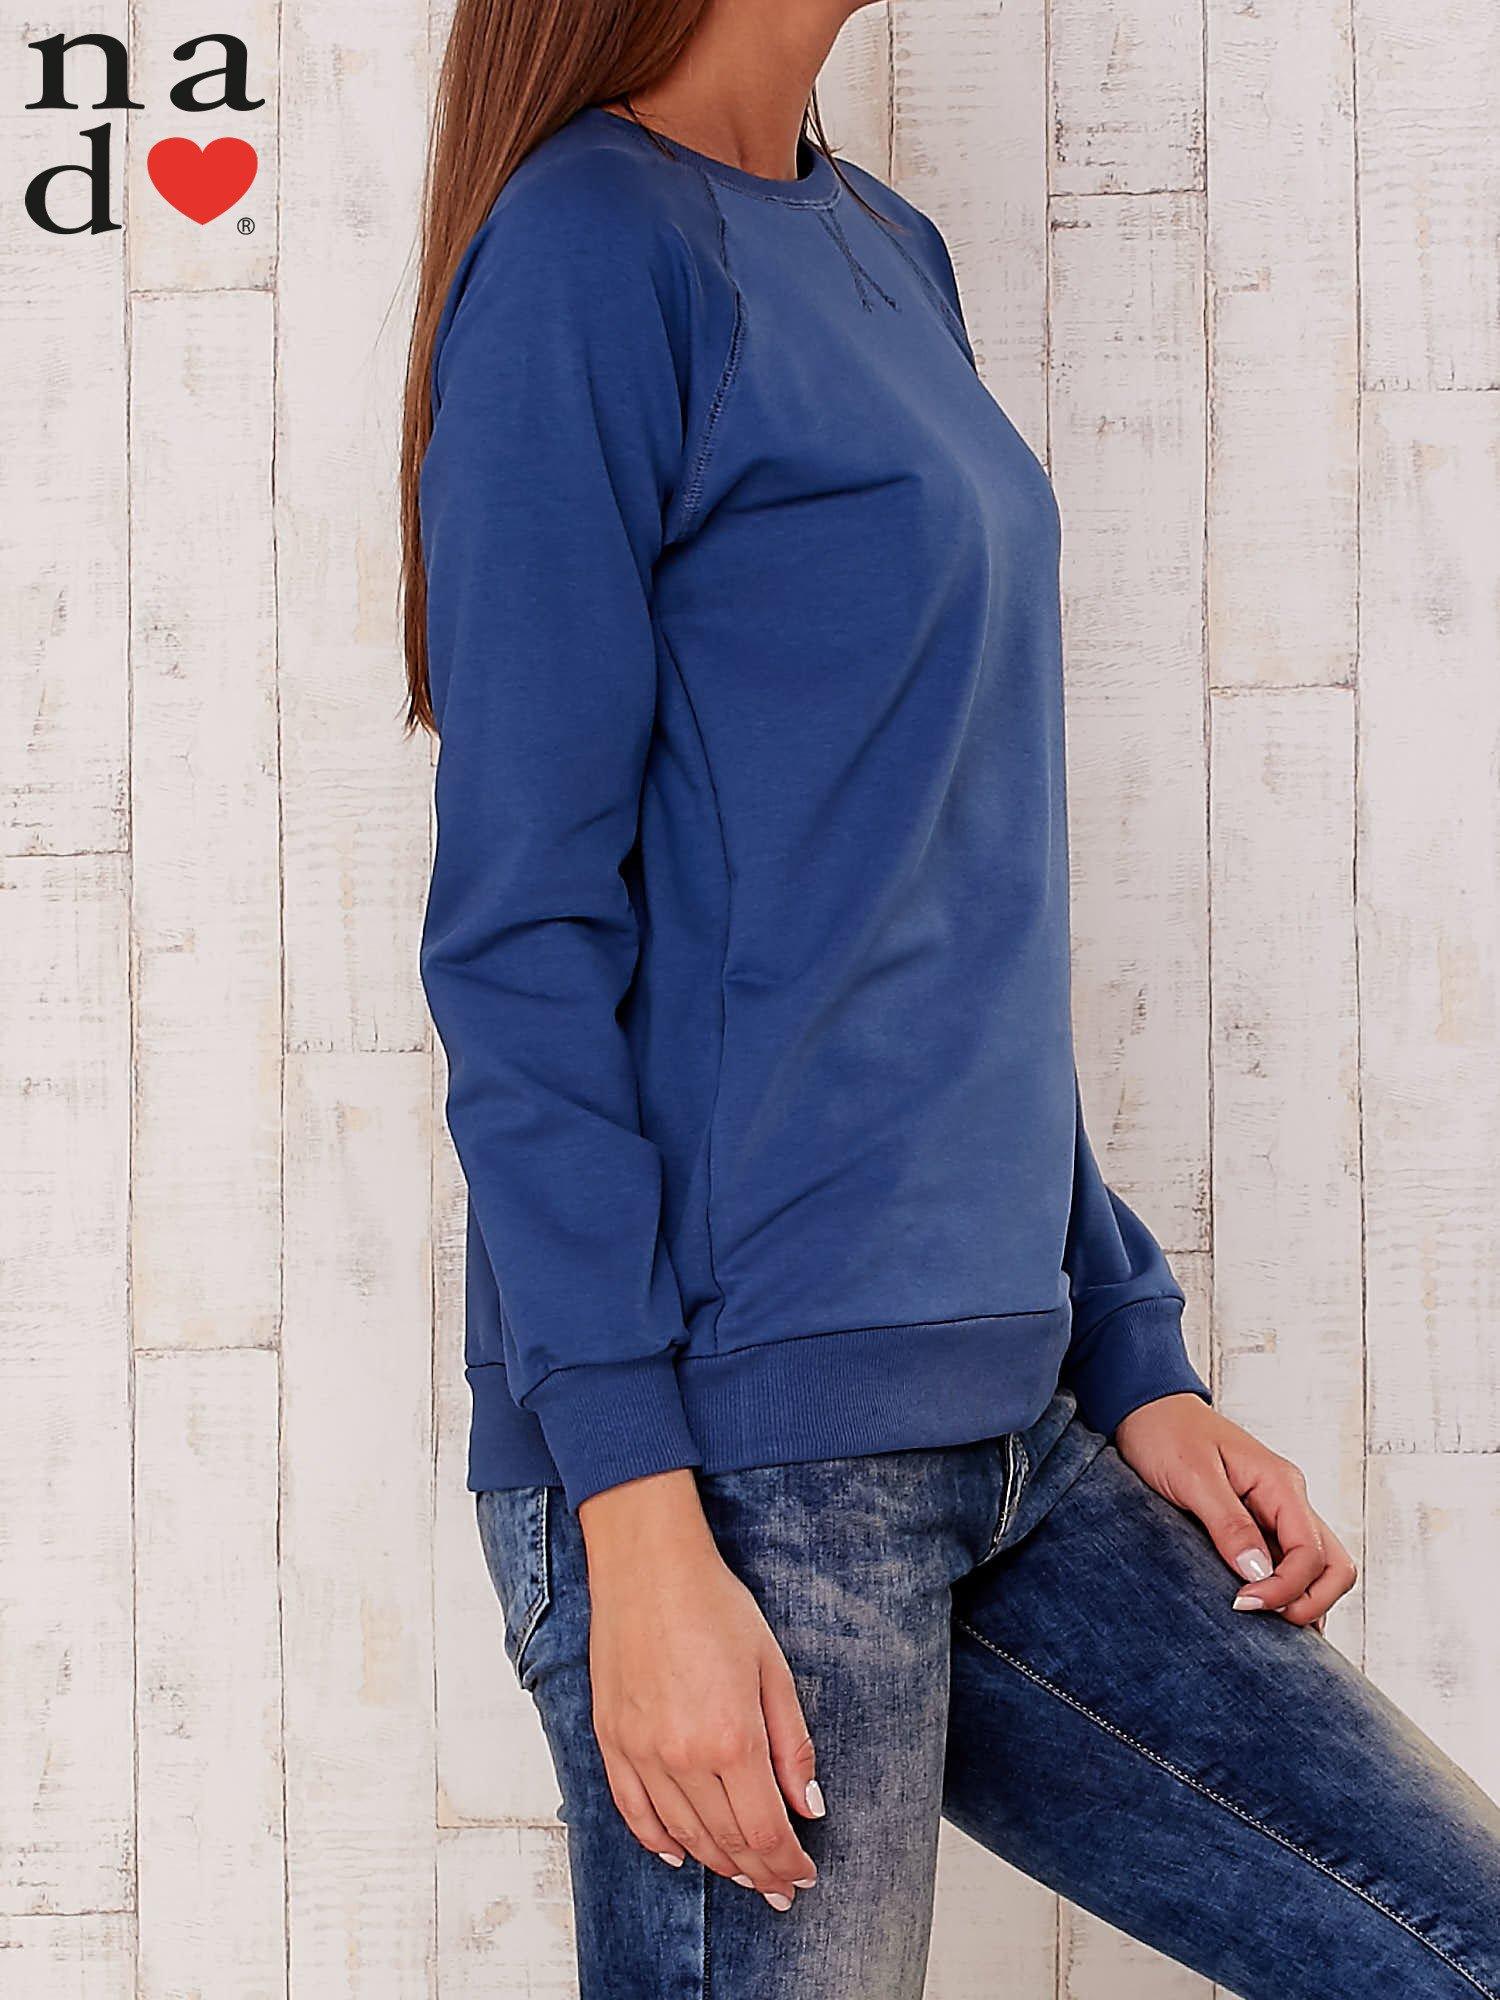 Ciemnoniebieska gładka bluza                                  zdj.                                  3